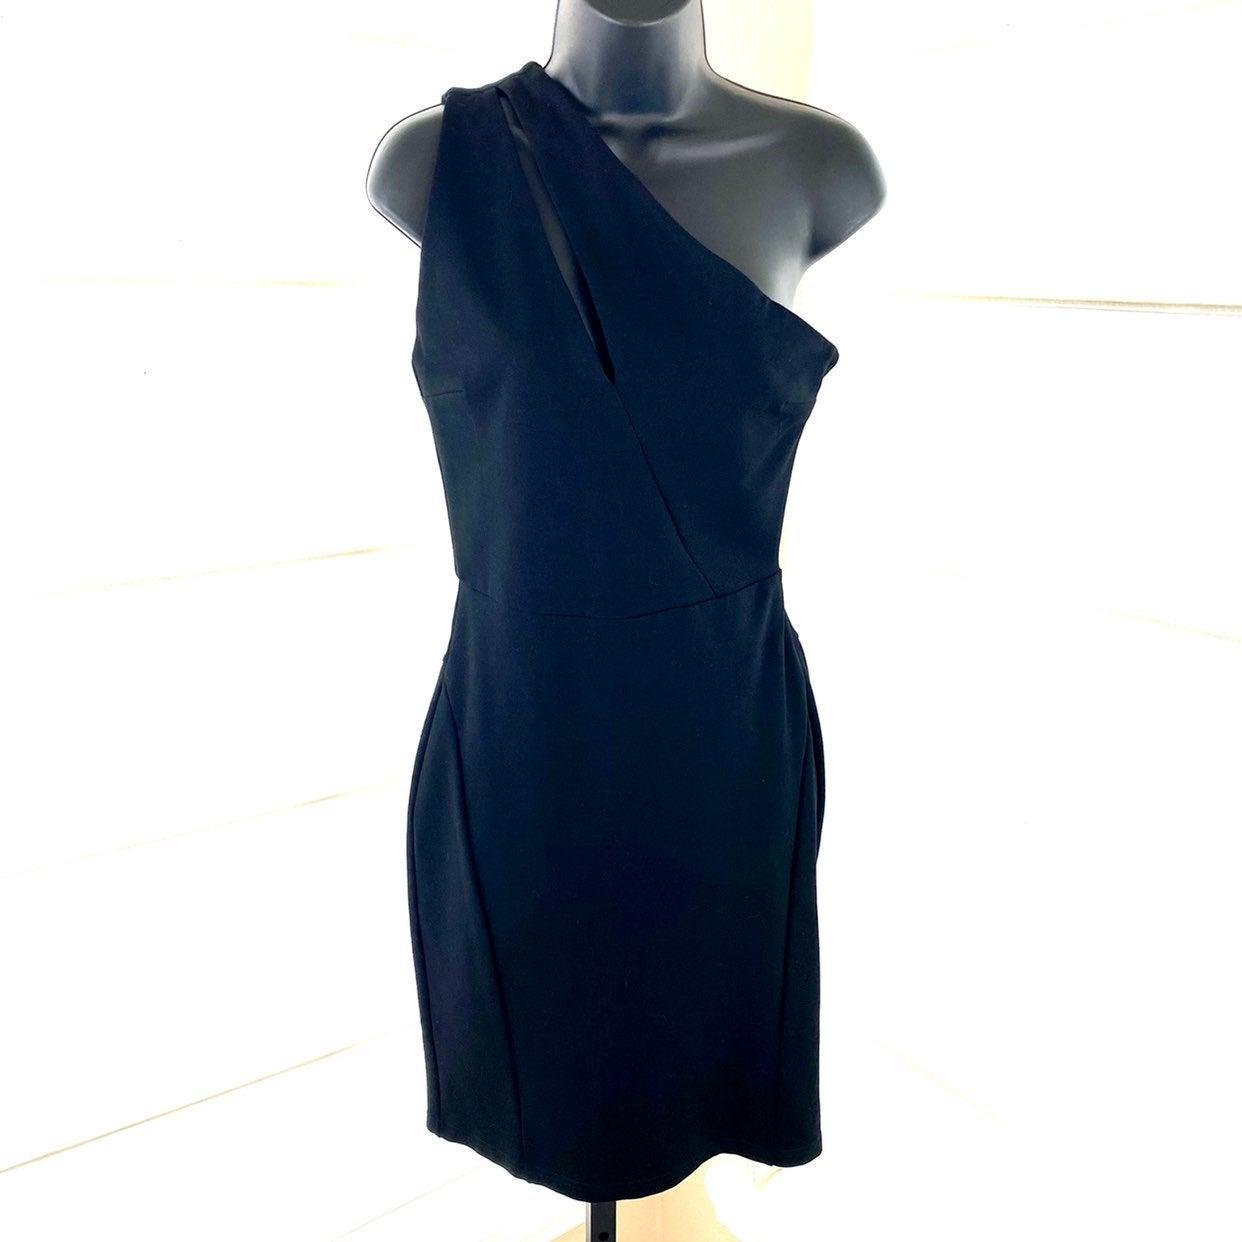 Olivaceous Black Cutout One Shoulder Dre